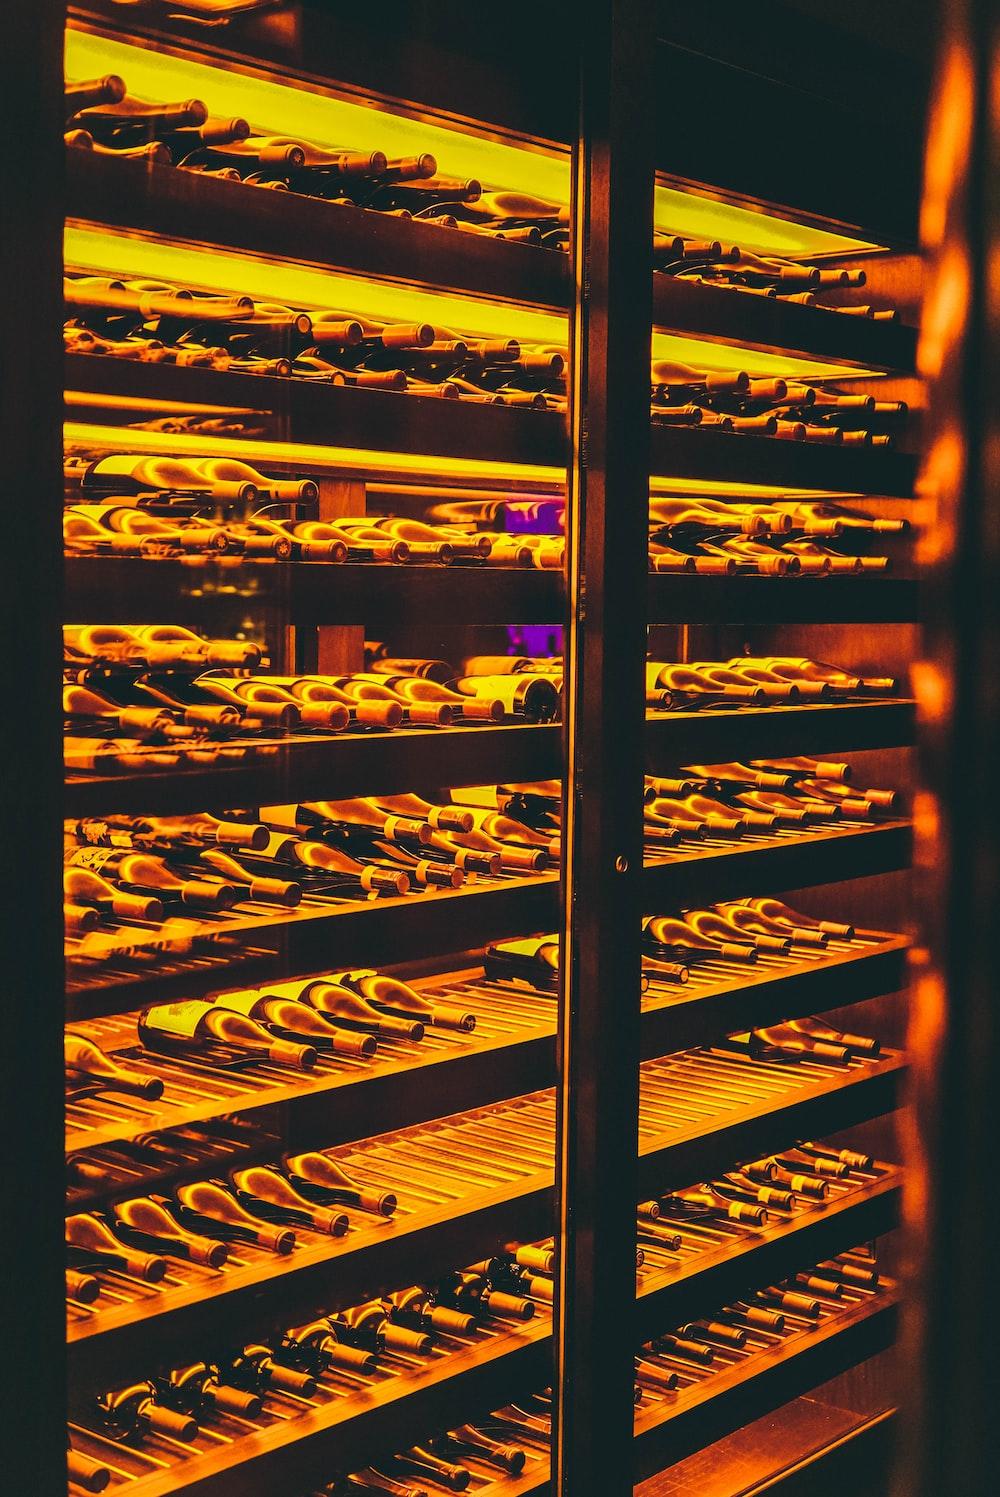 wine bottles in wine chiller